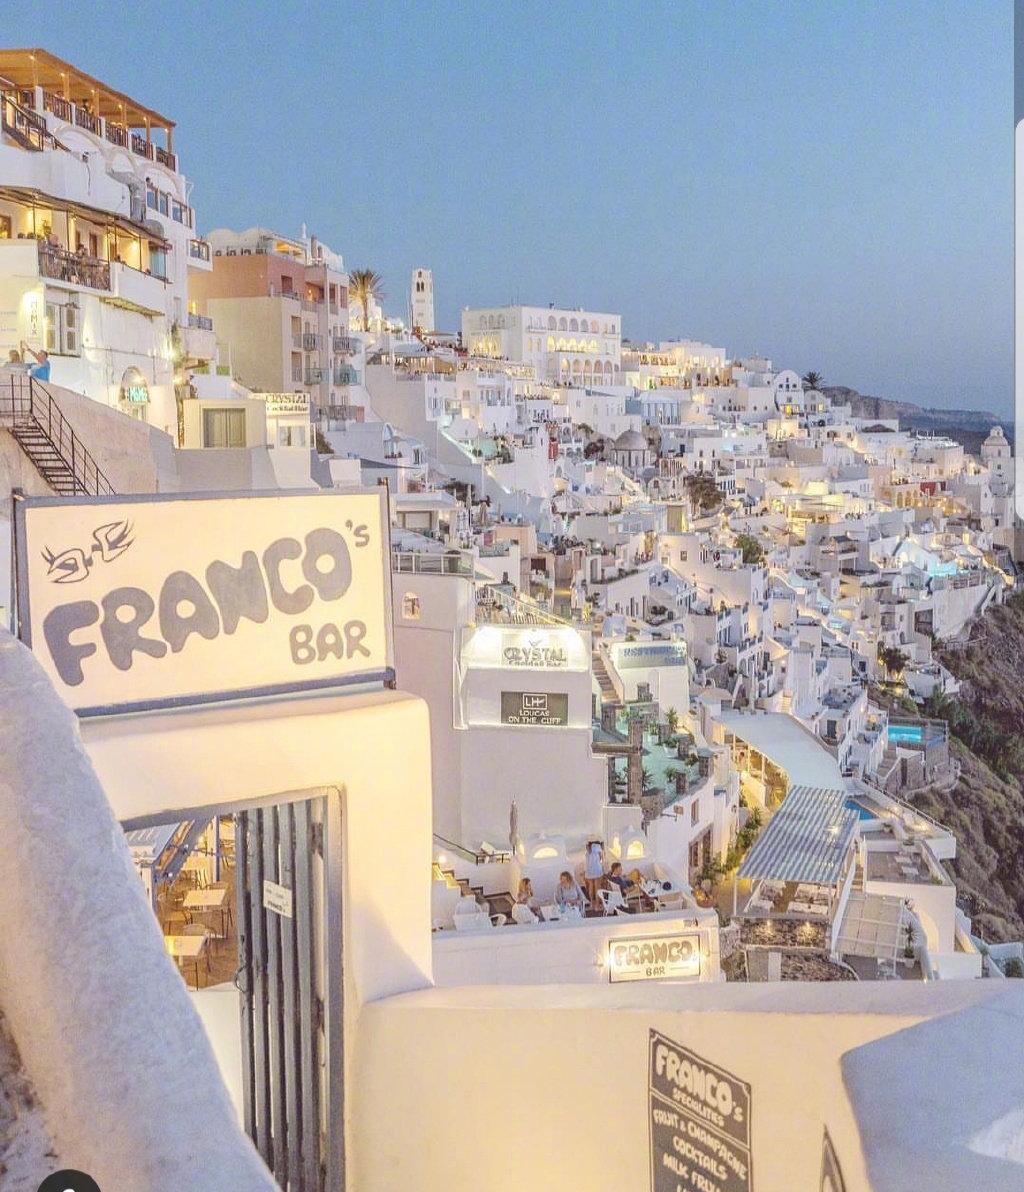 希腊圣托里尼,女生梦寐以求的旅行目的地